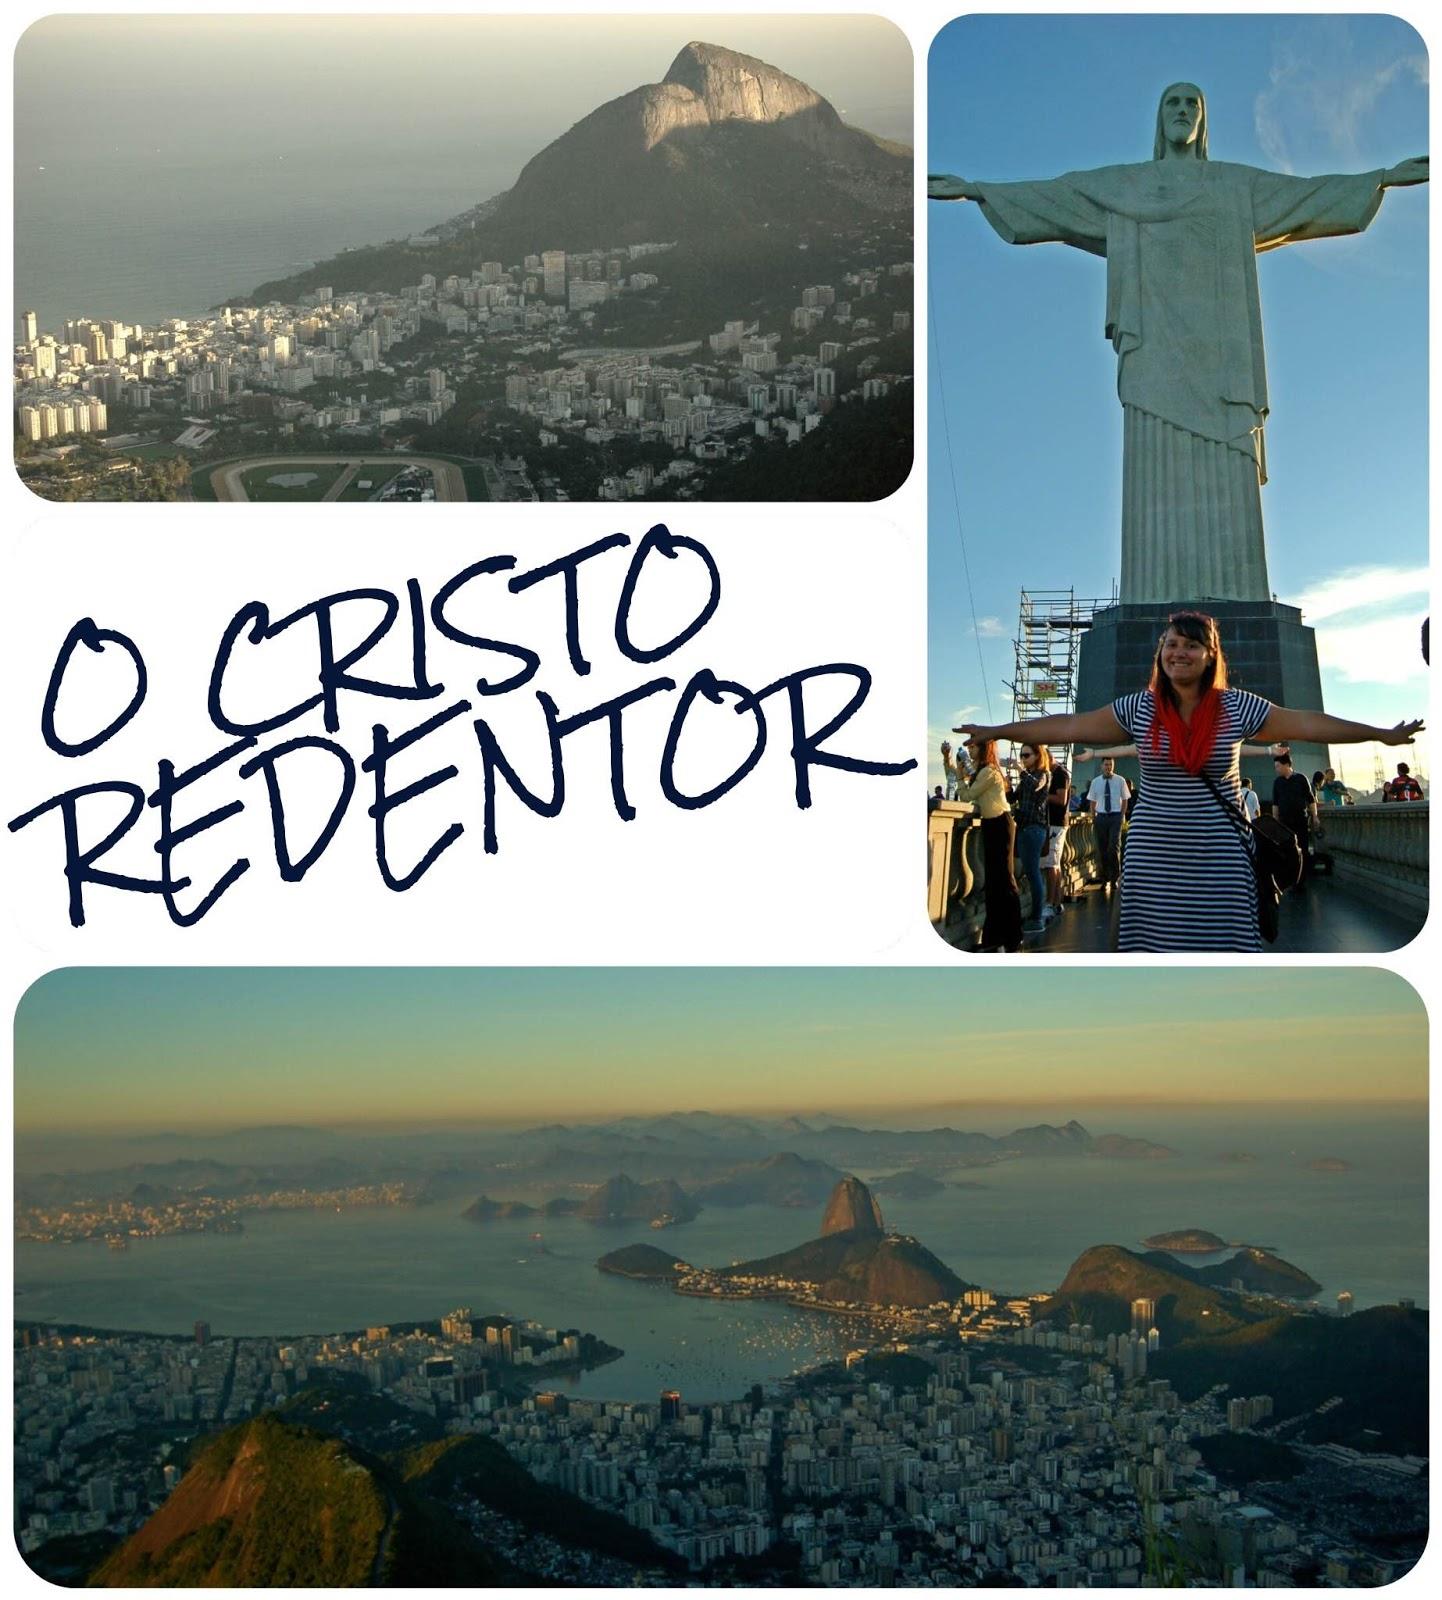 viagem rio de janeiro cristo redentor